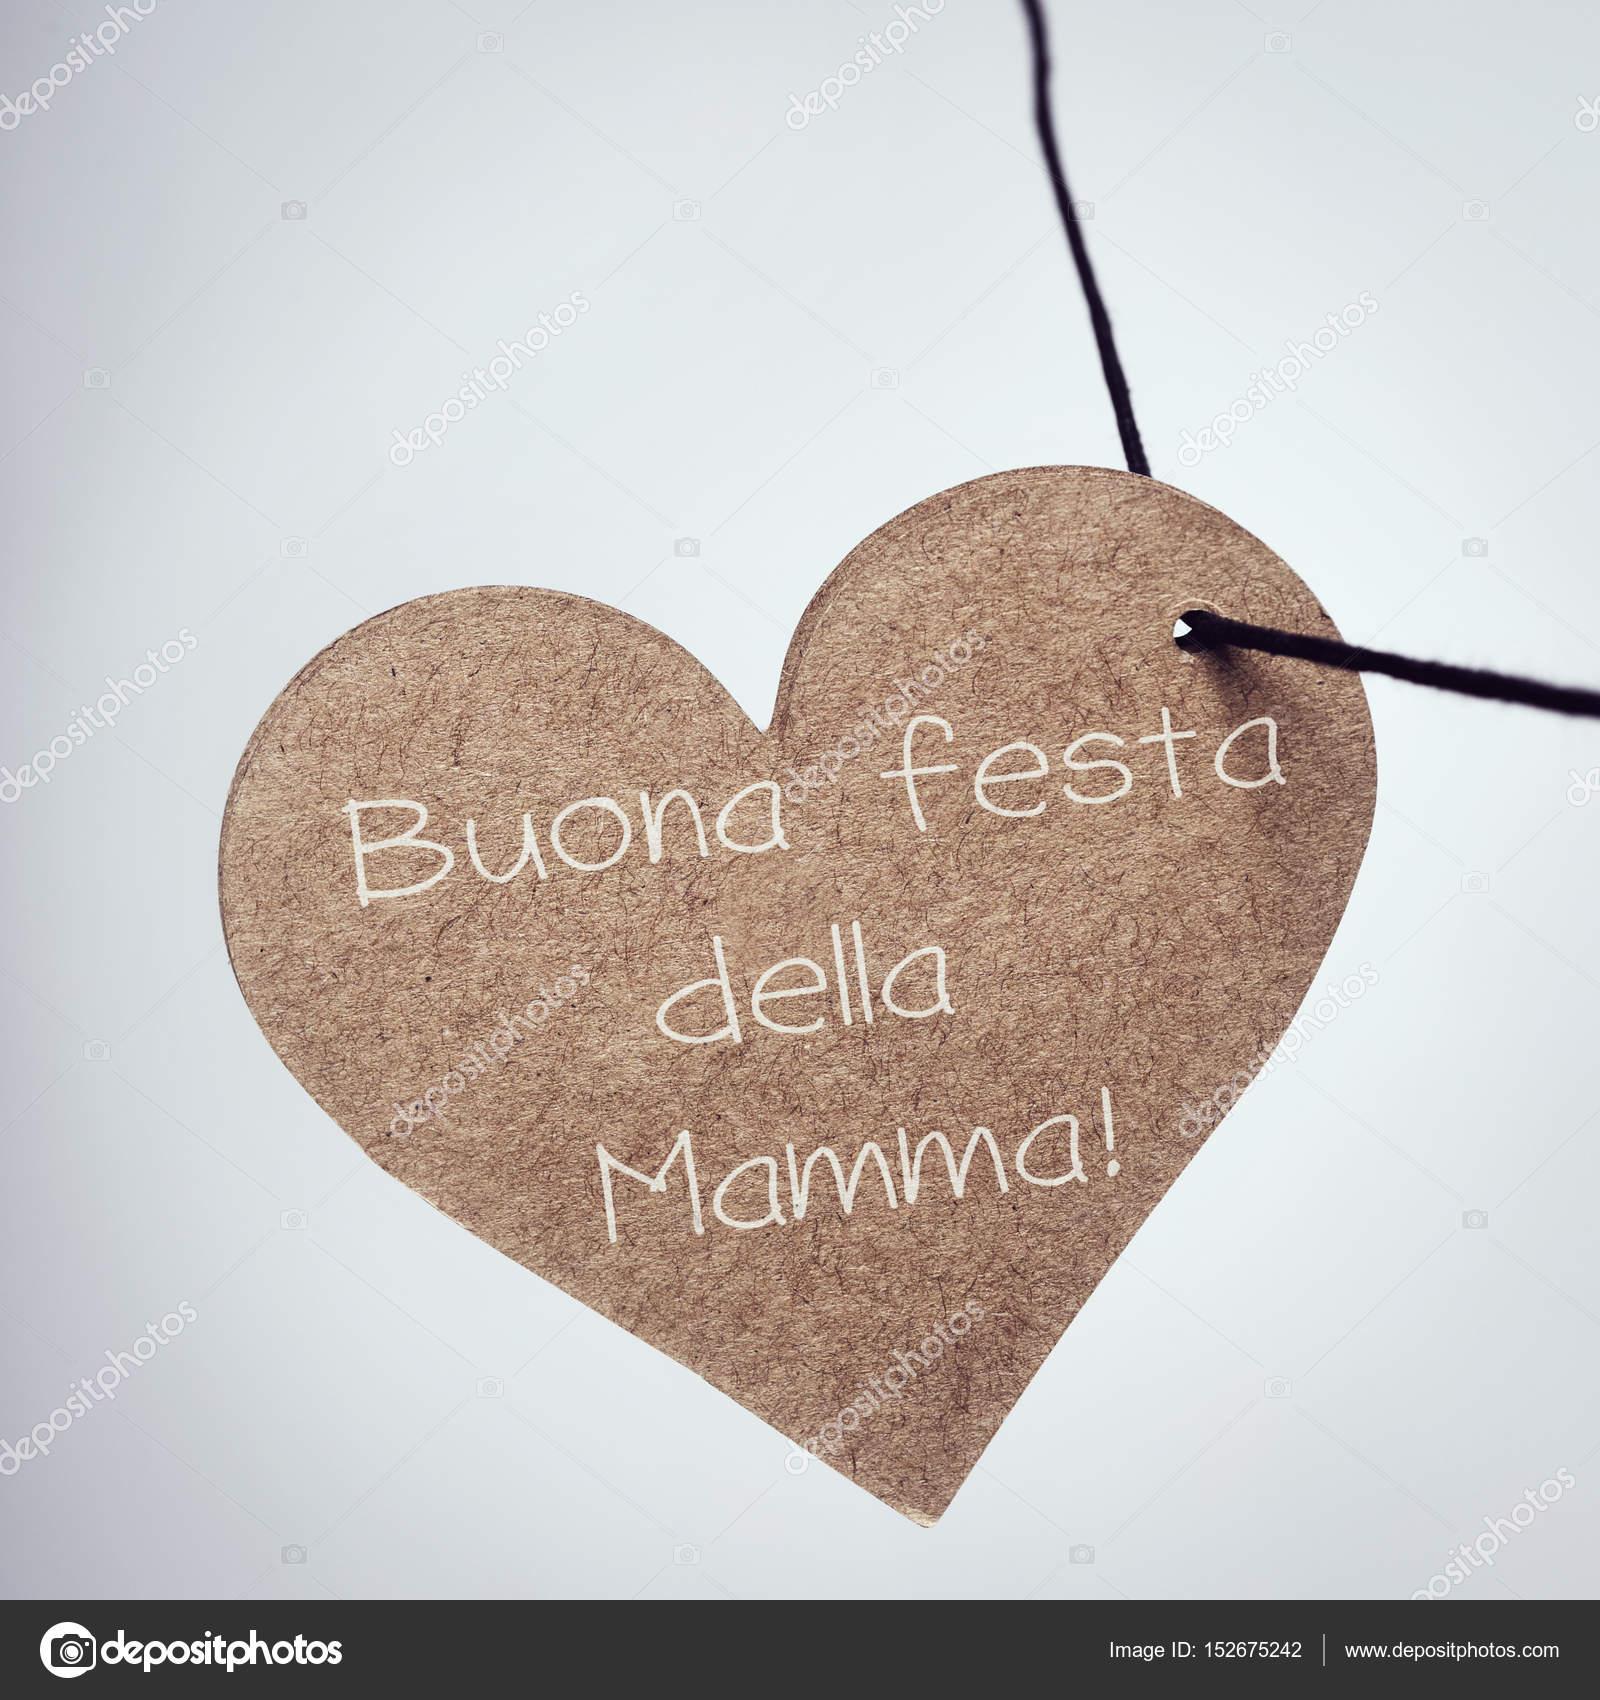 Buona Festa Della Mamma Happy Mothers Day In Italian Stock Photo